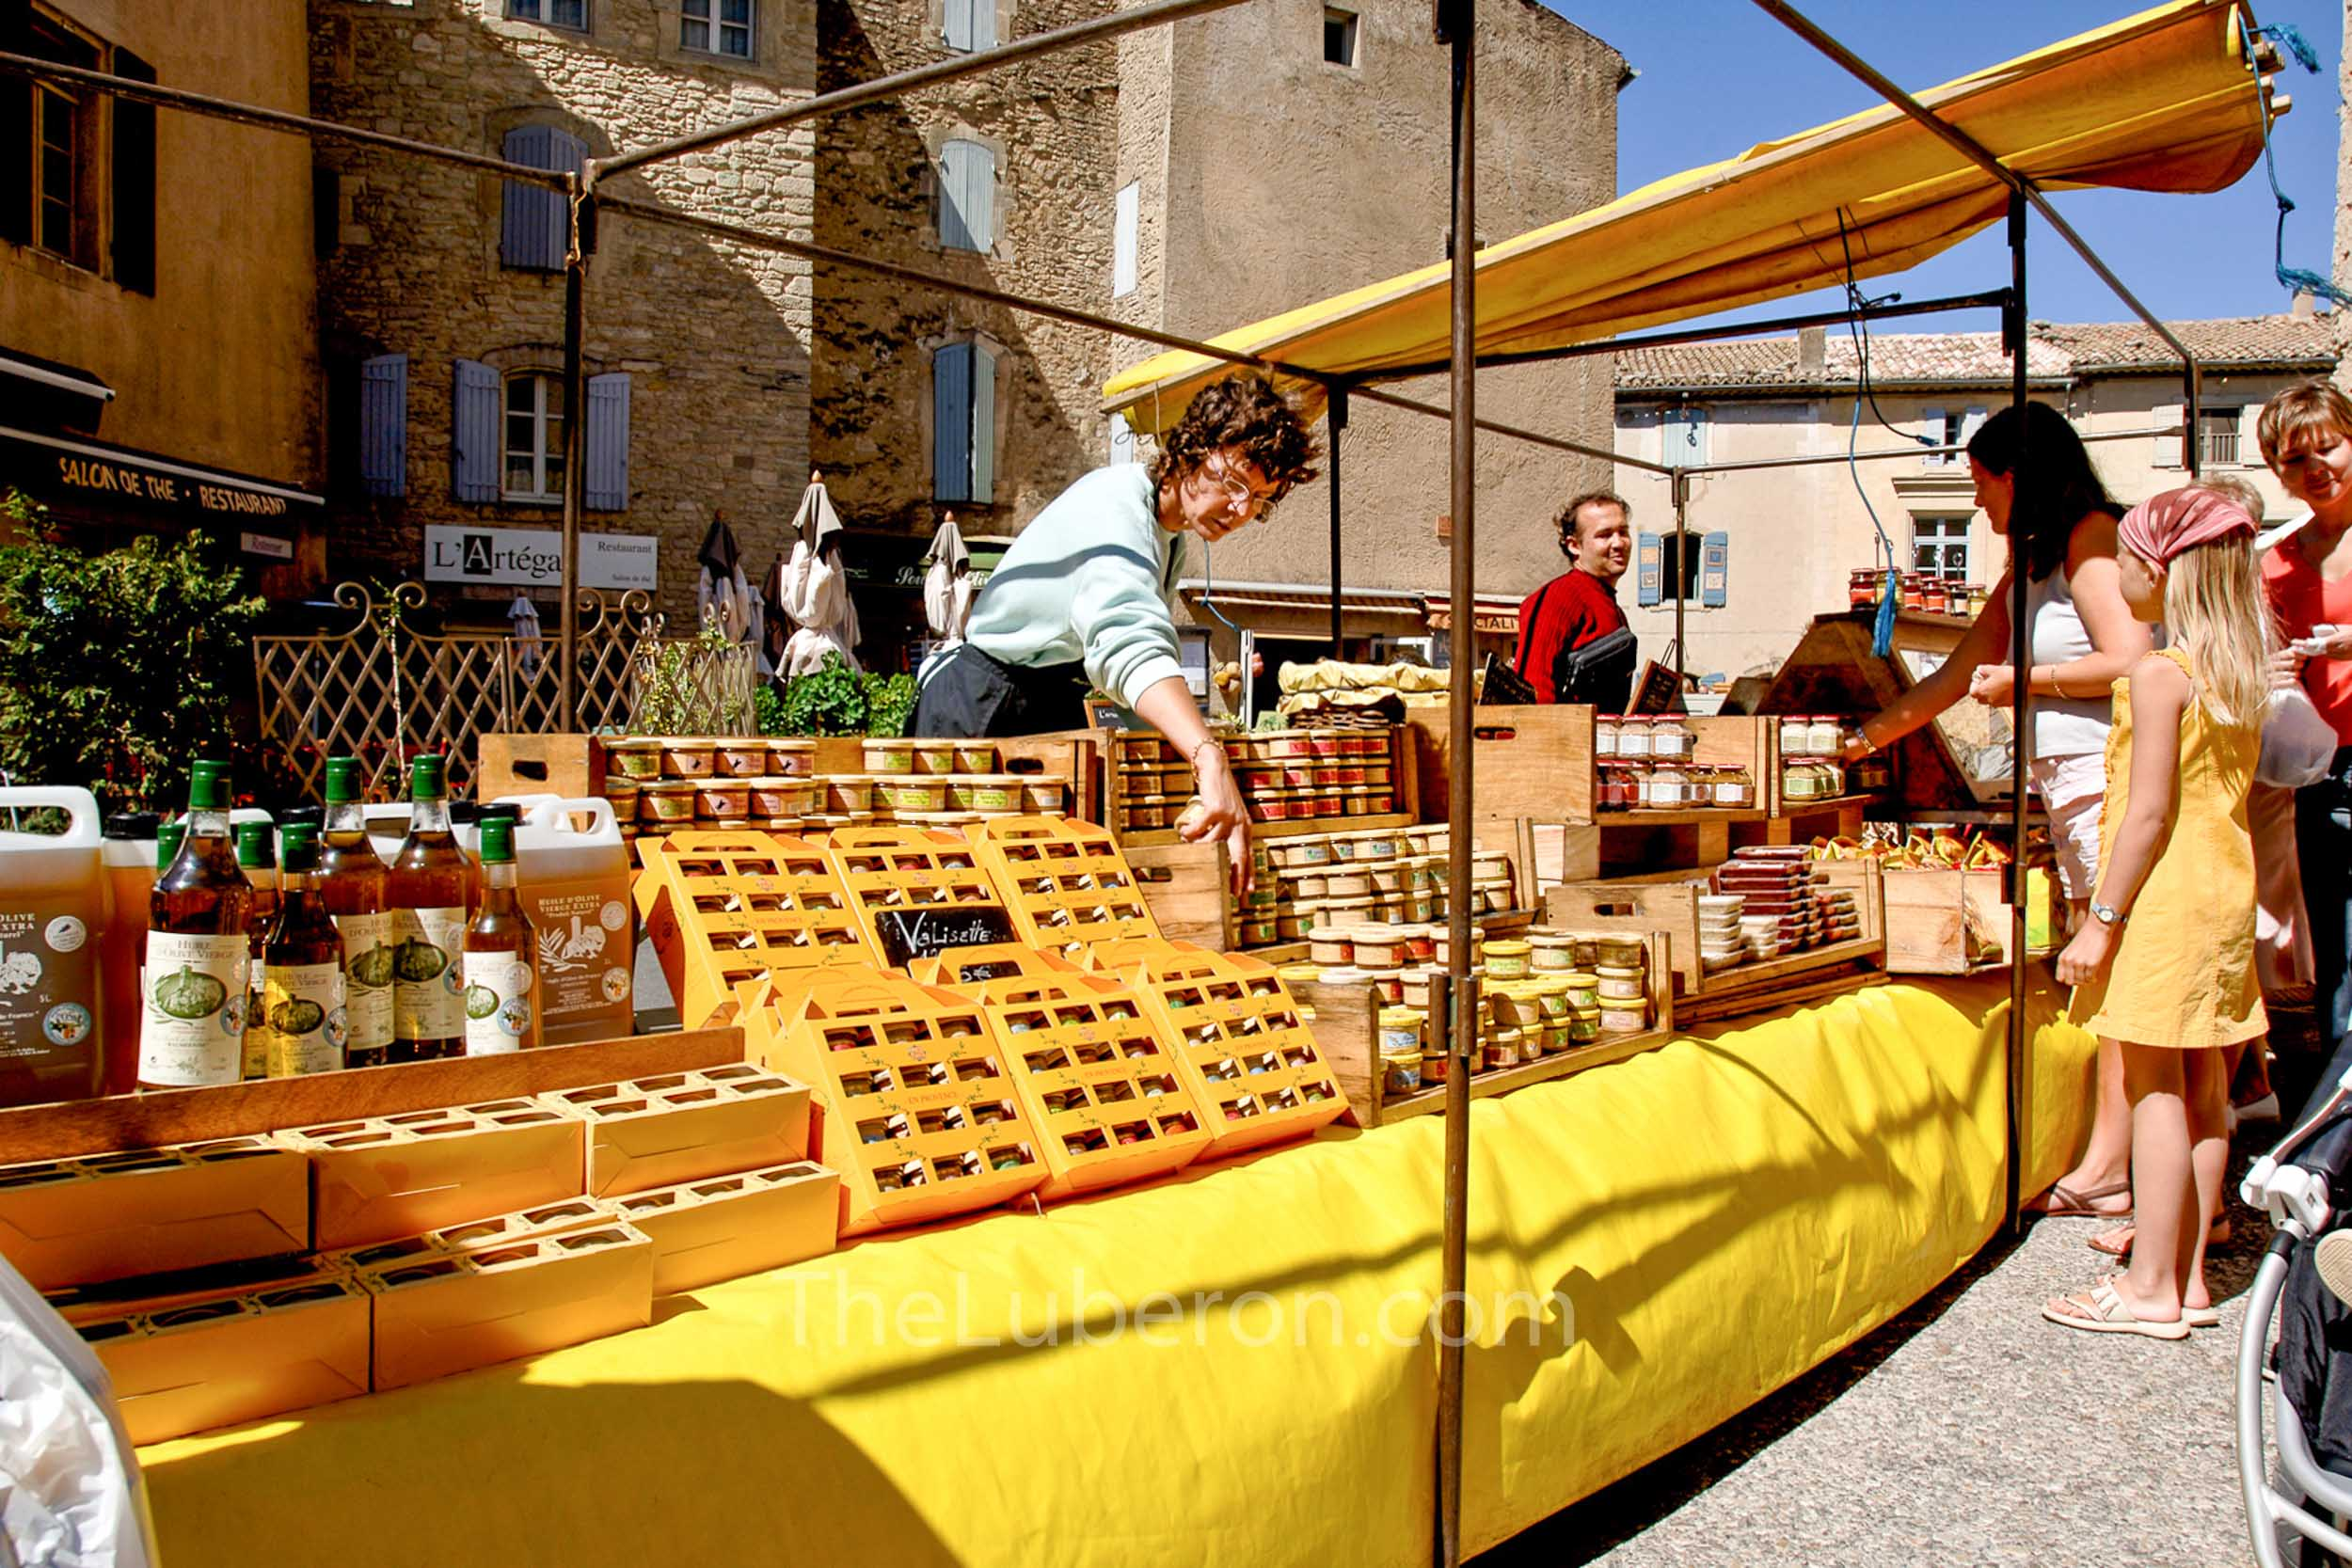 Stallholder at Gordes market